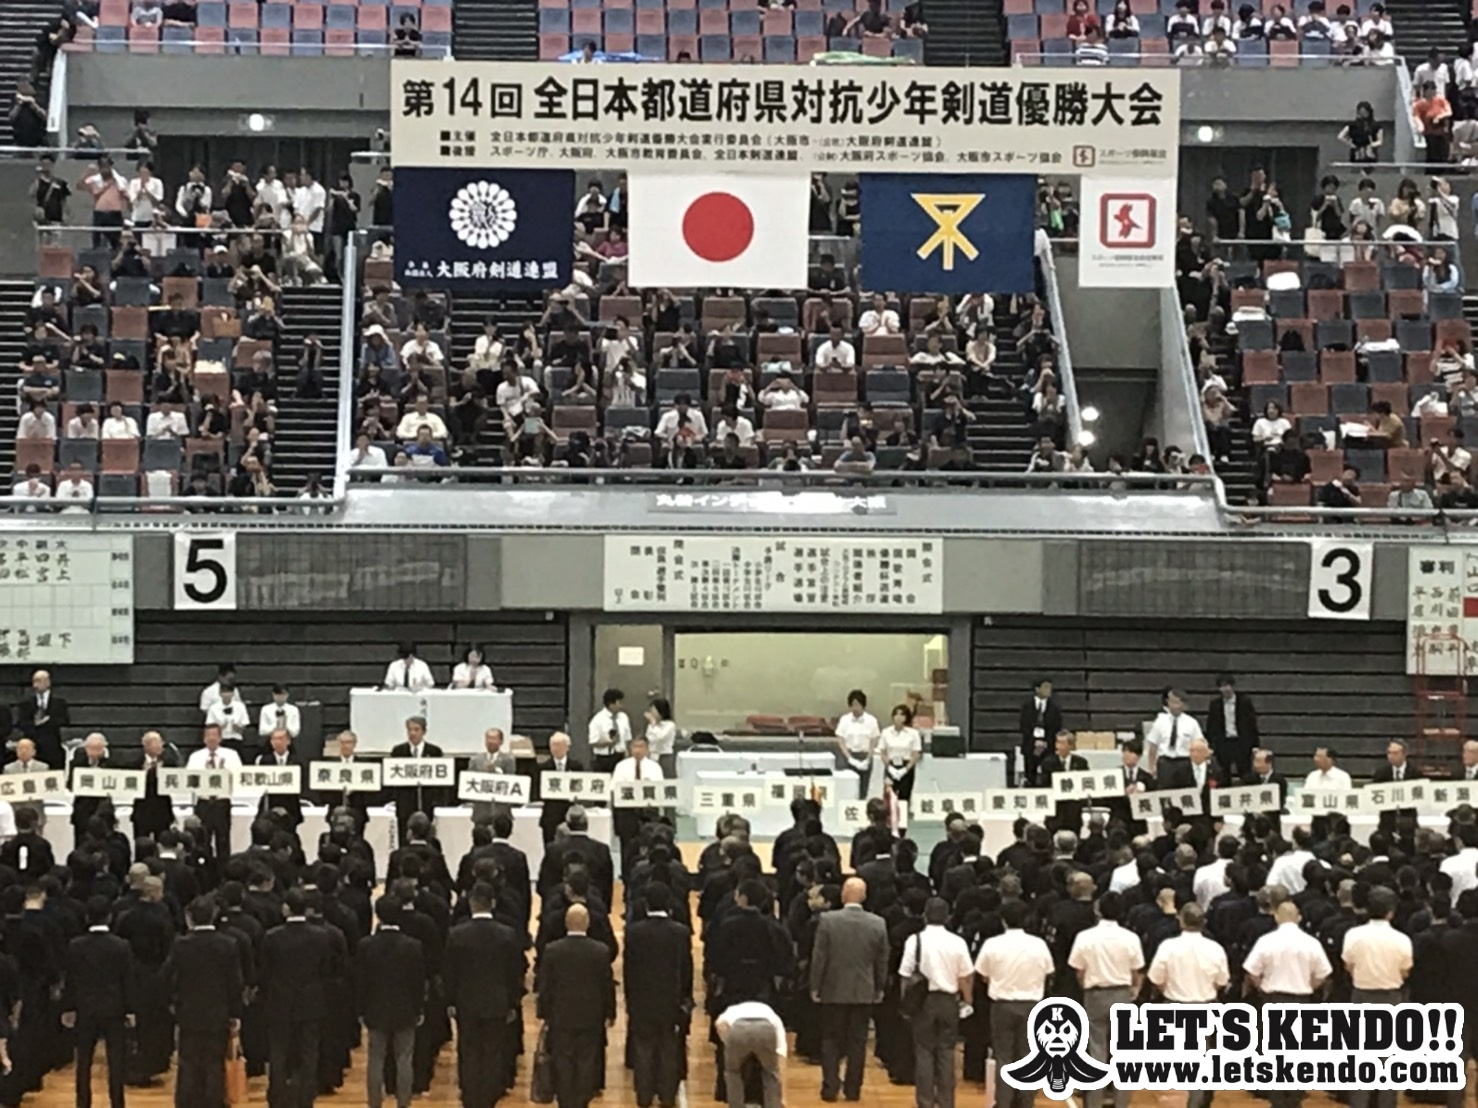 【結果】9/15 全日本都道府県対抗少年剣道優勝大会